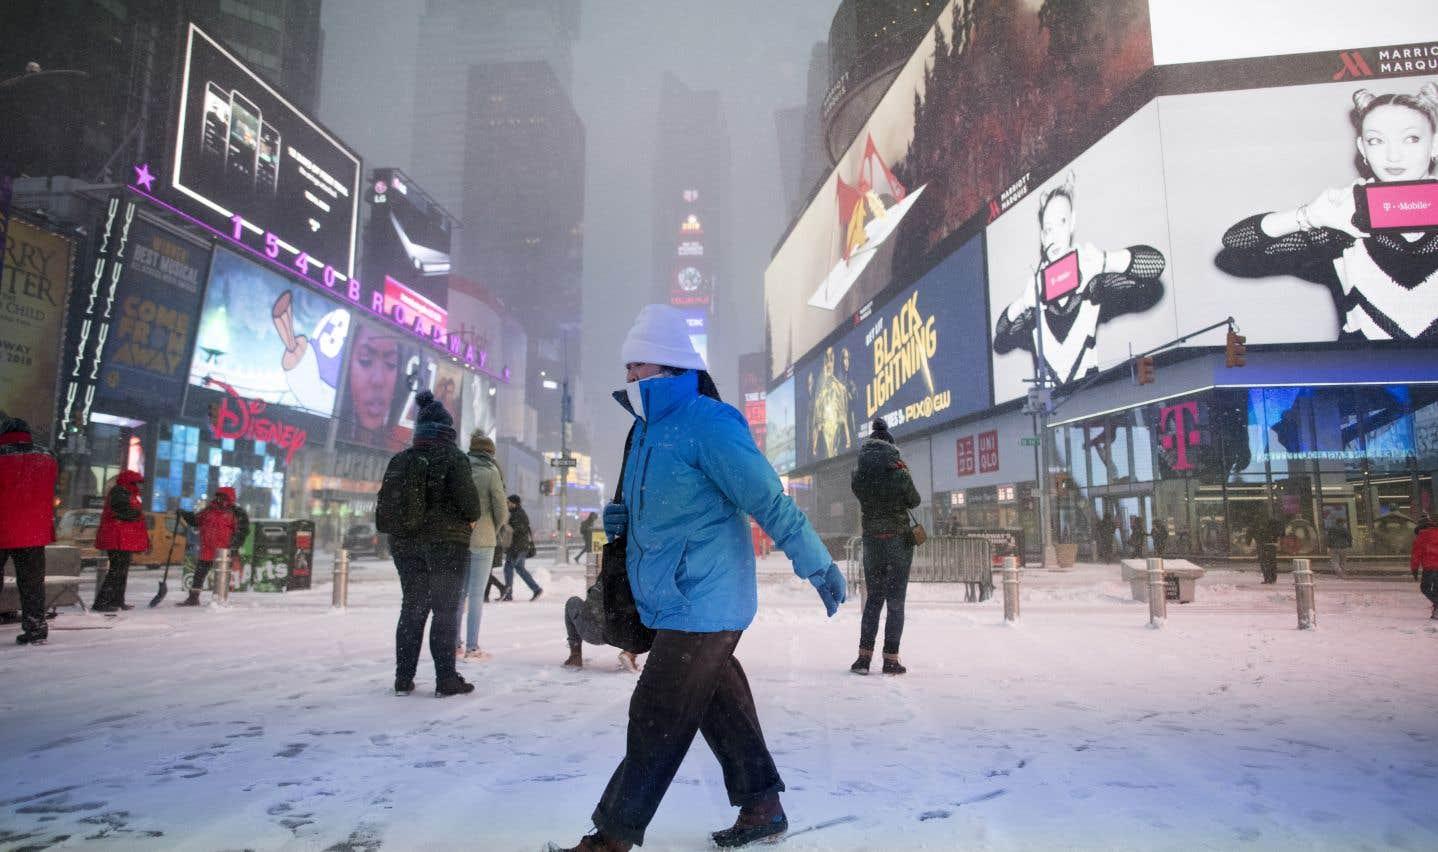 La tempête a d'ailleurs laissé des dizaines de centimètres de neige sur son passage aux États-Unis, dont à New York.